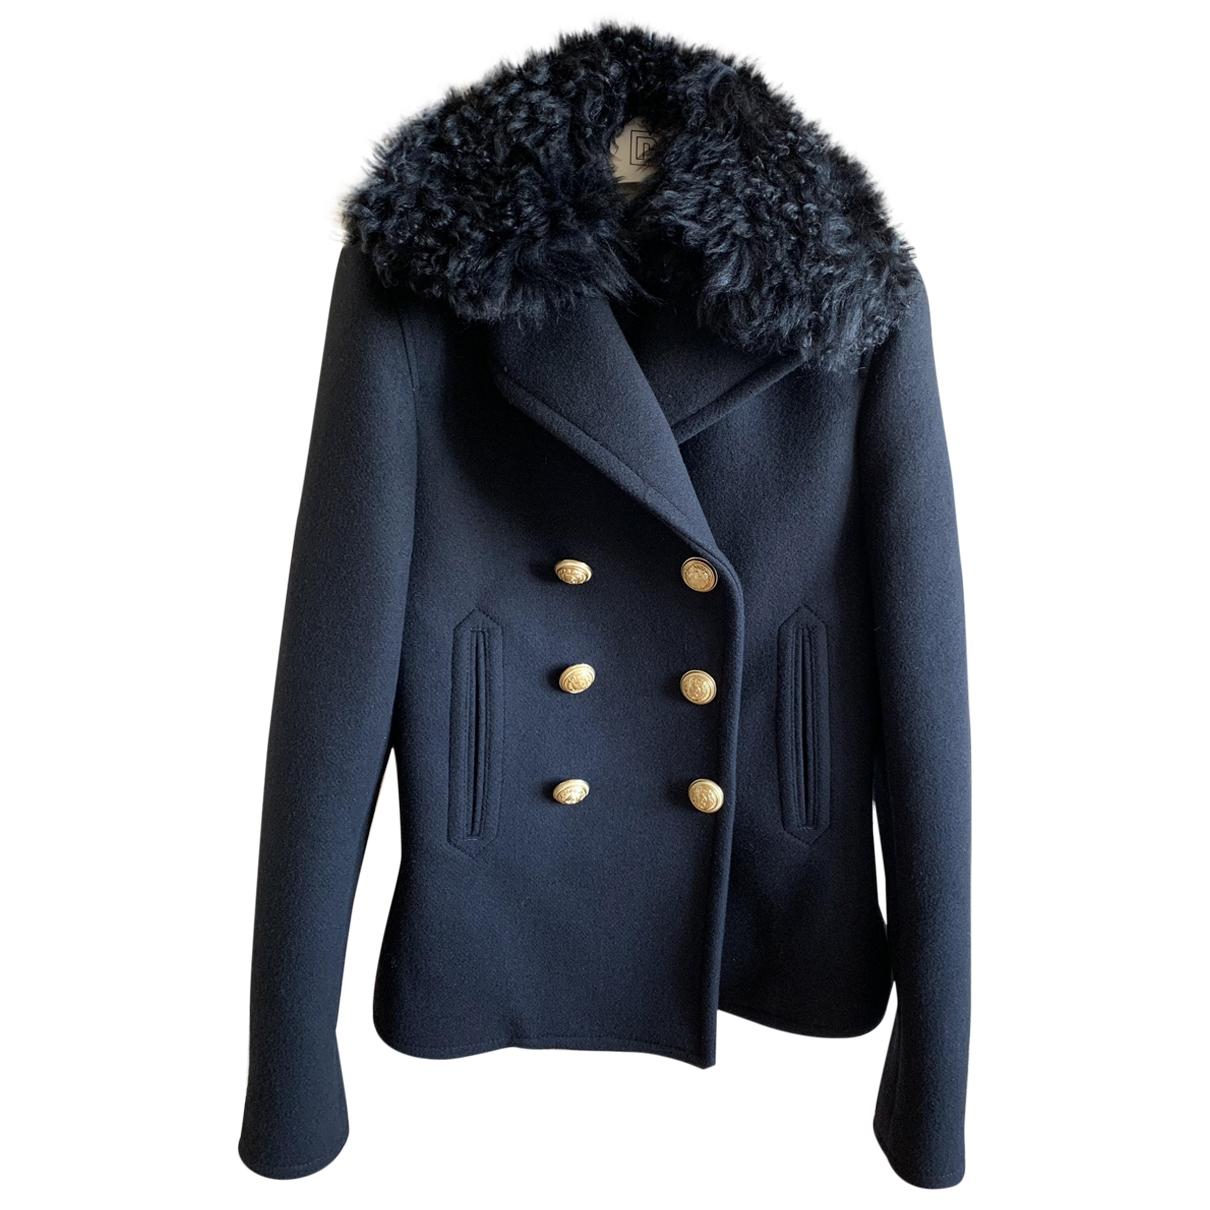 Paco Rabanne - Manteau   pour femme en laine - noir